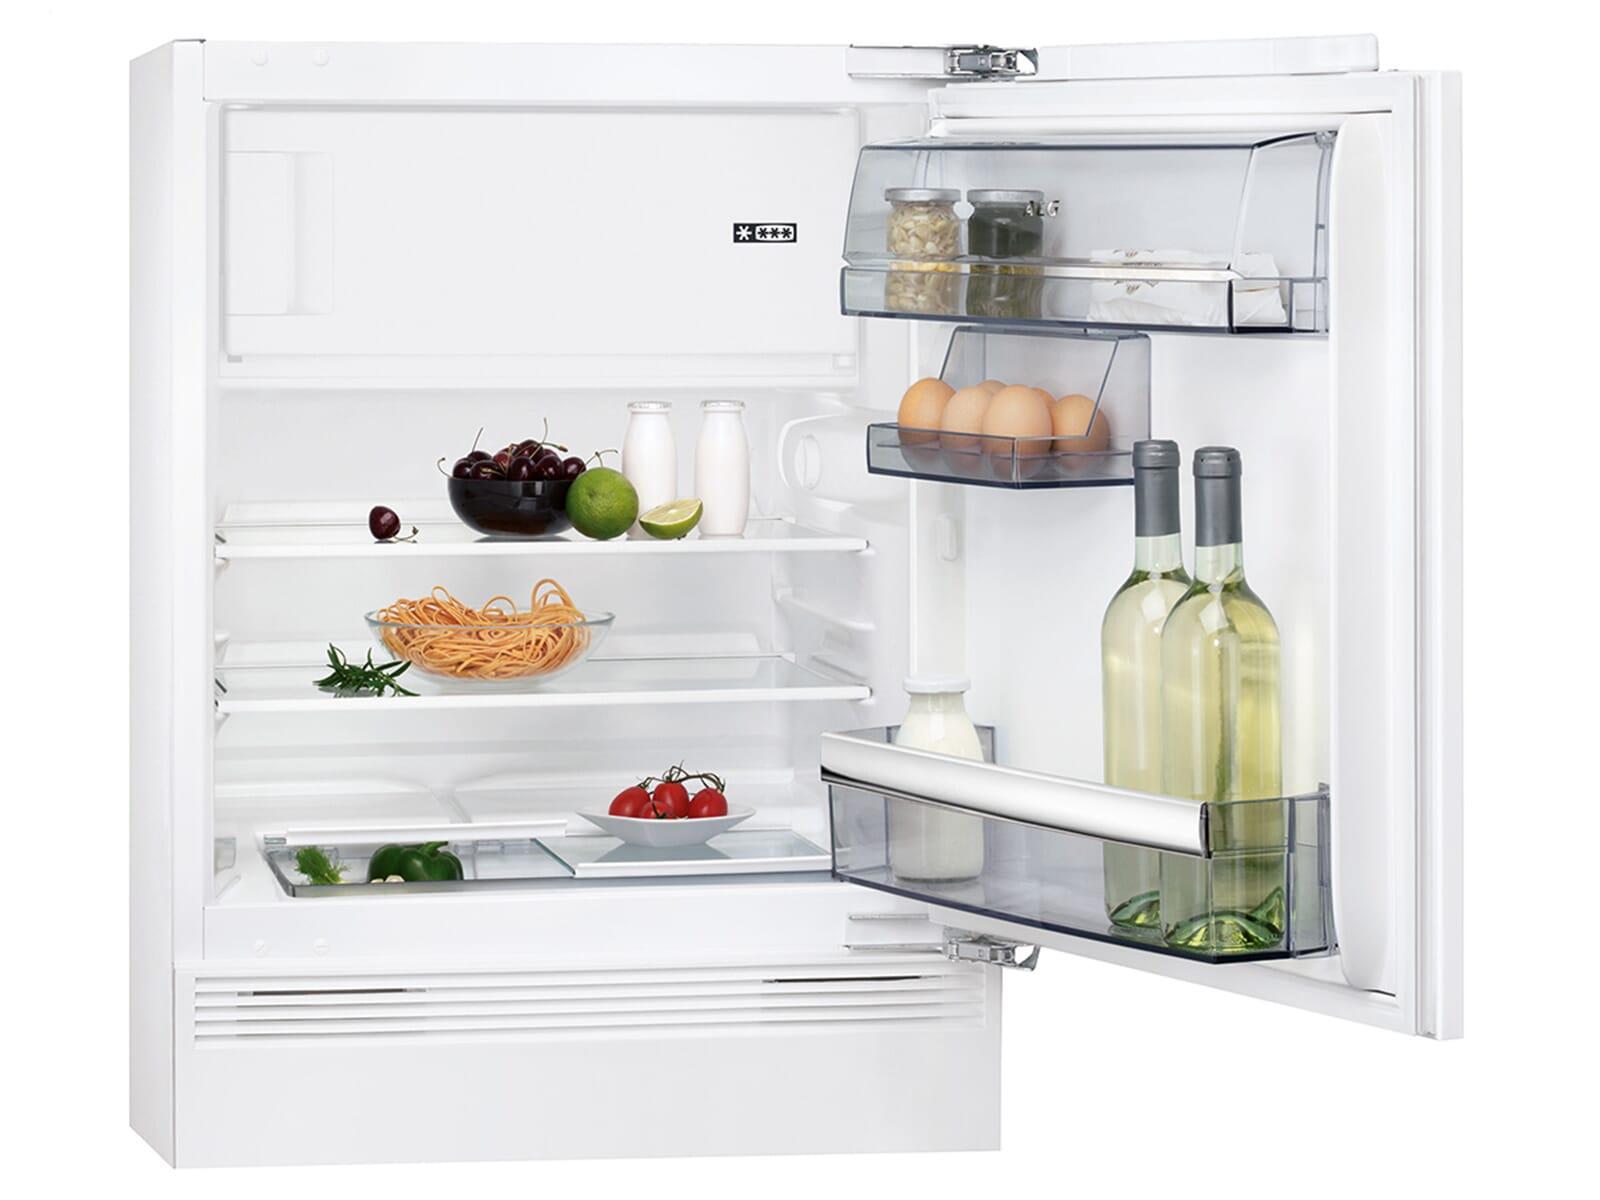 Aeg Kühlschrank Festtür Montage : Aeg sfb af unterbaukühlschrank